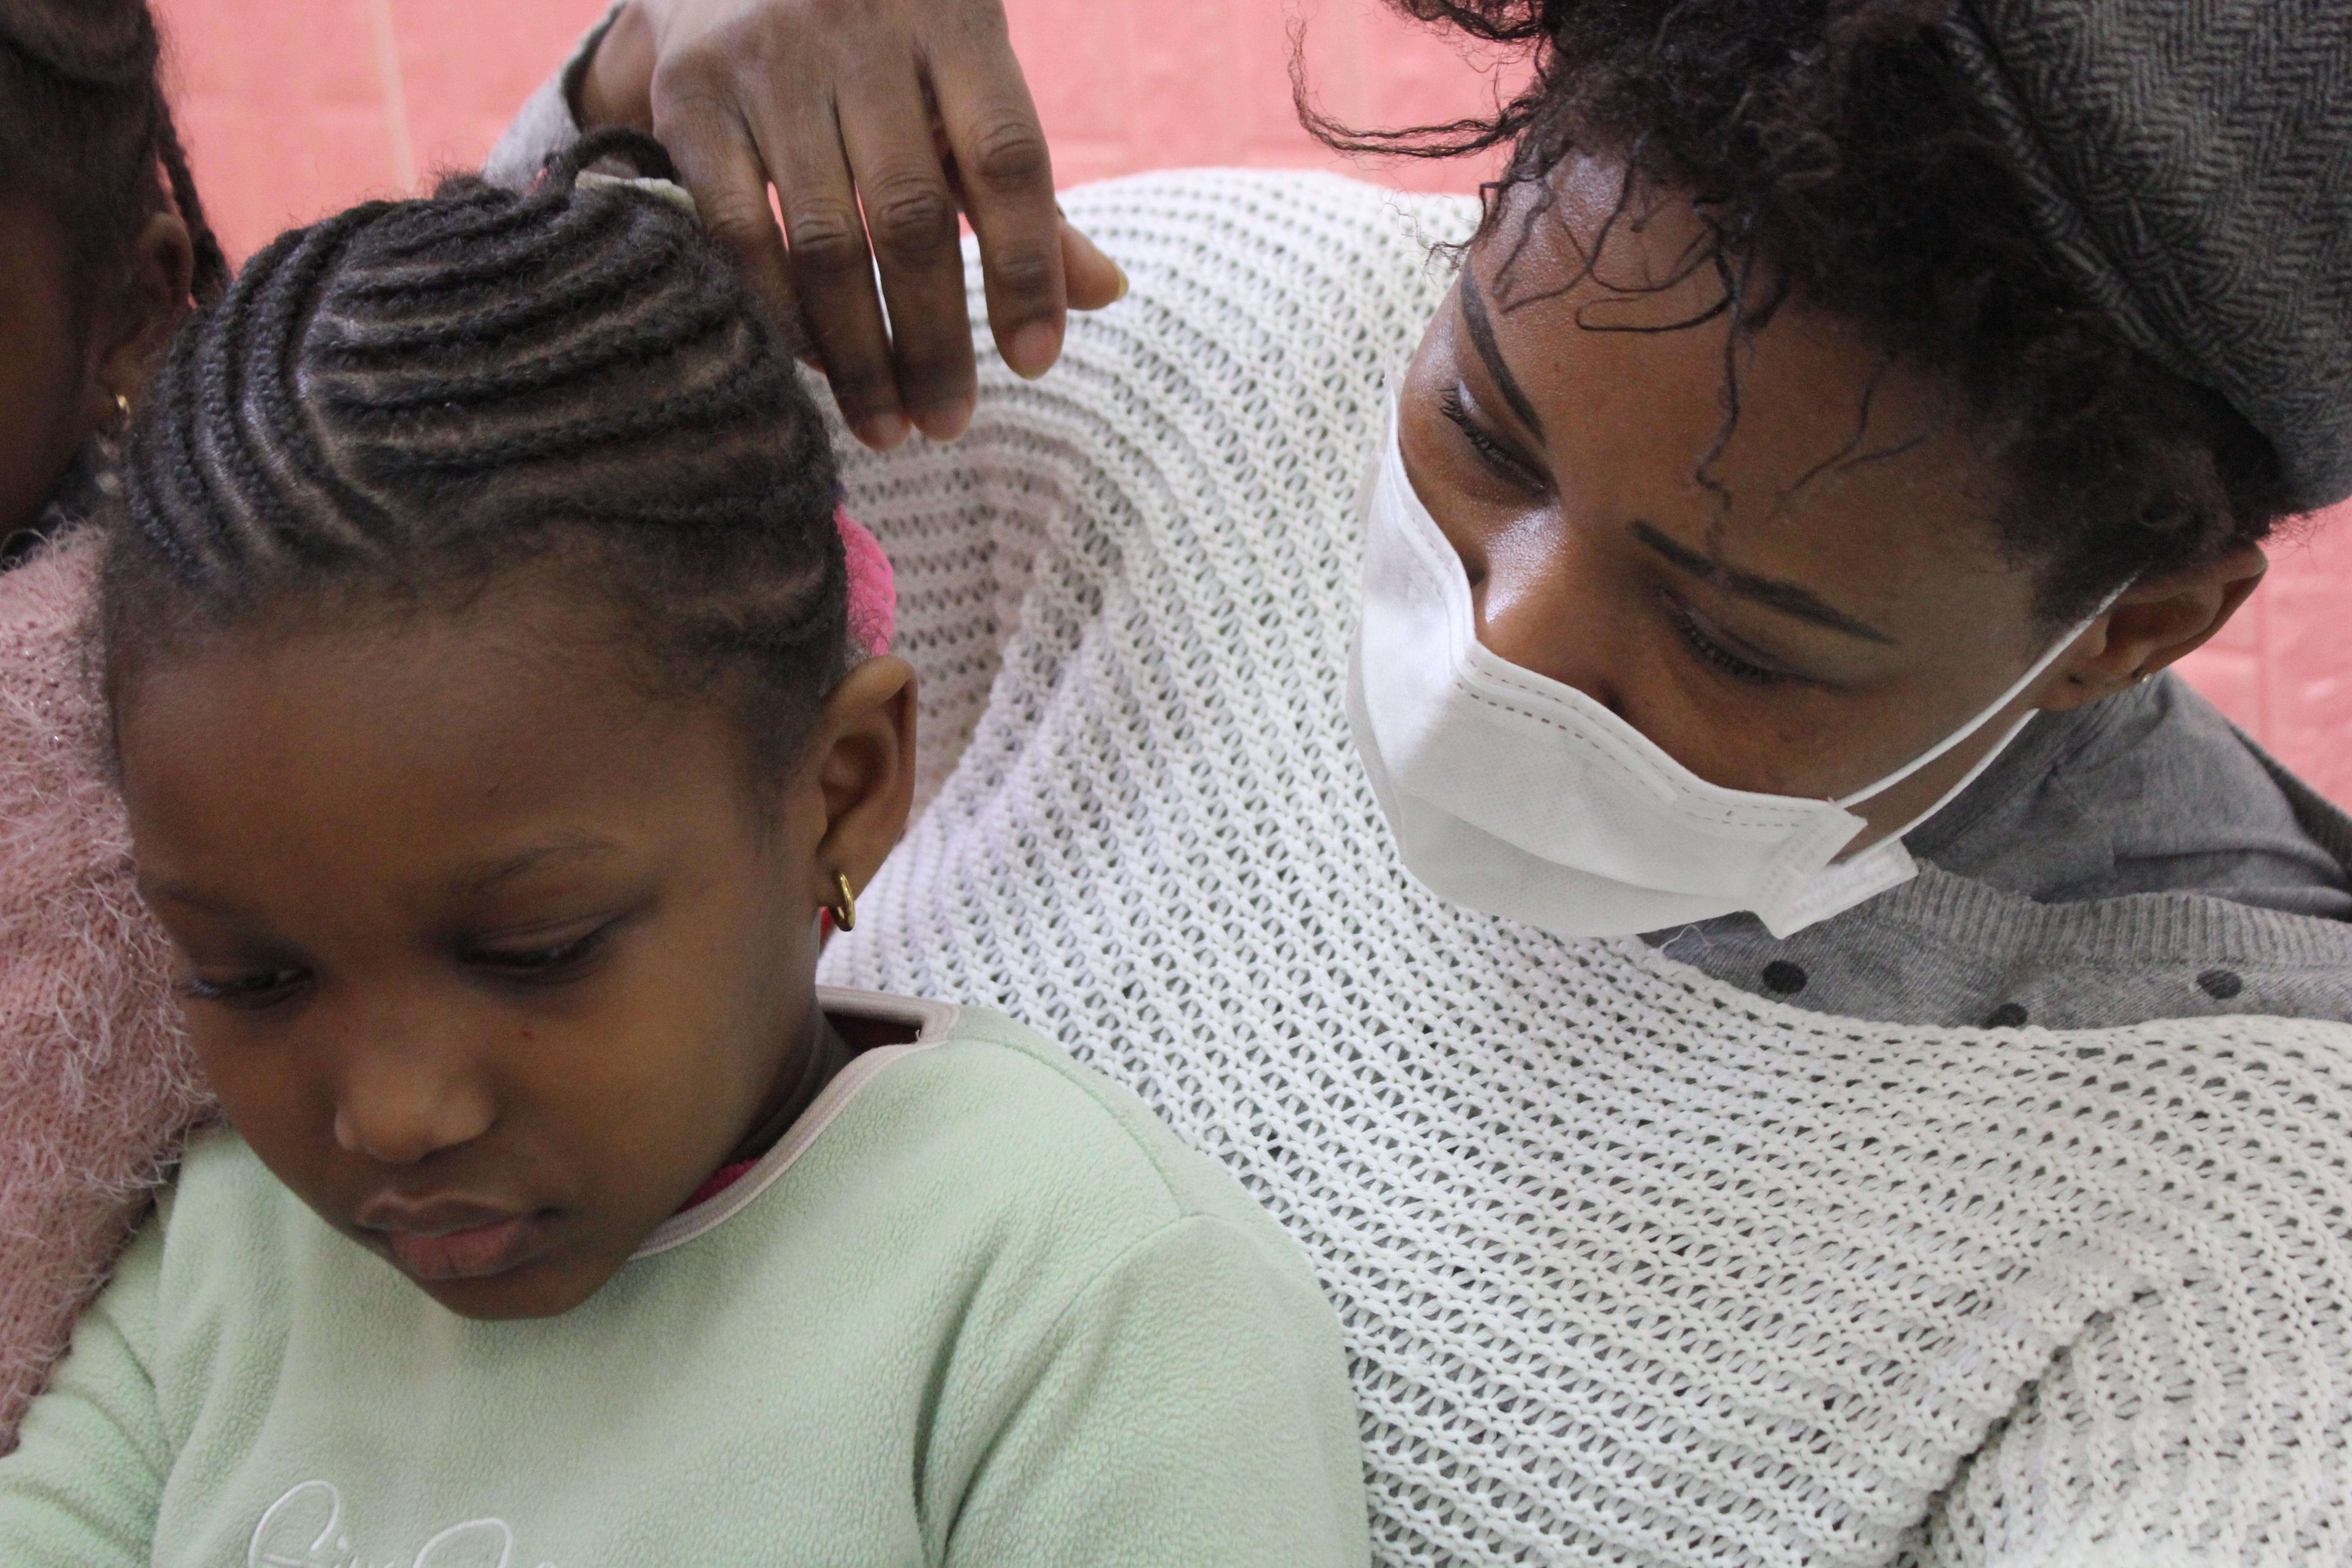 Deborah gioca con una bambina nel centro Women and Girls Safe Space di Palermo